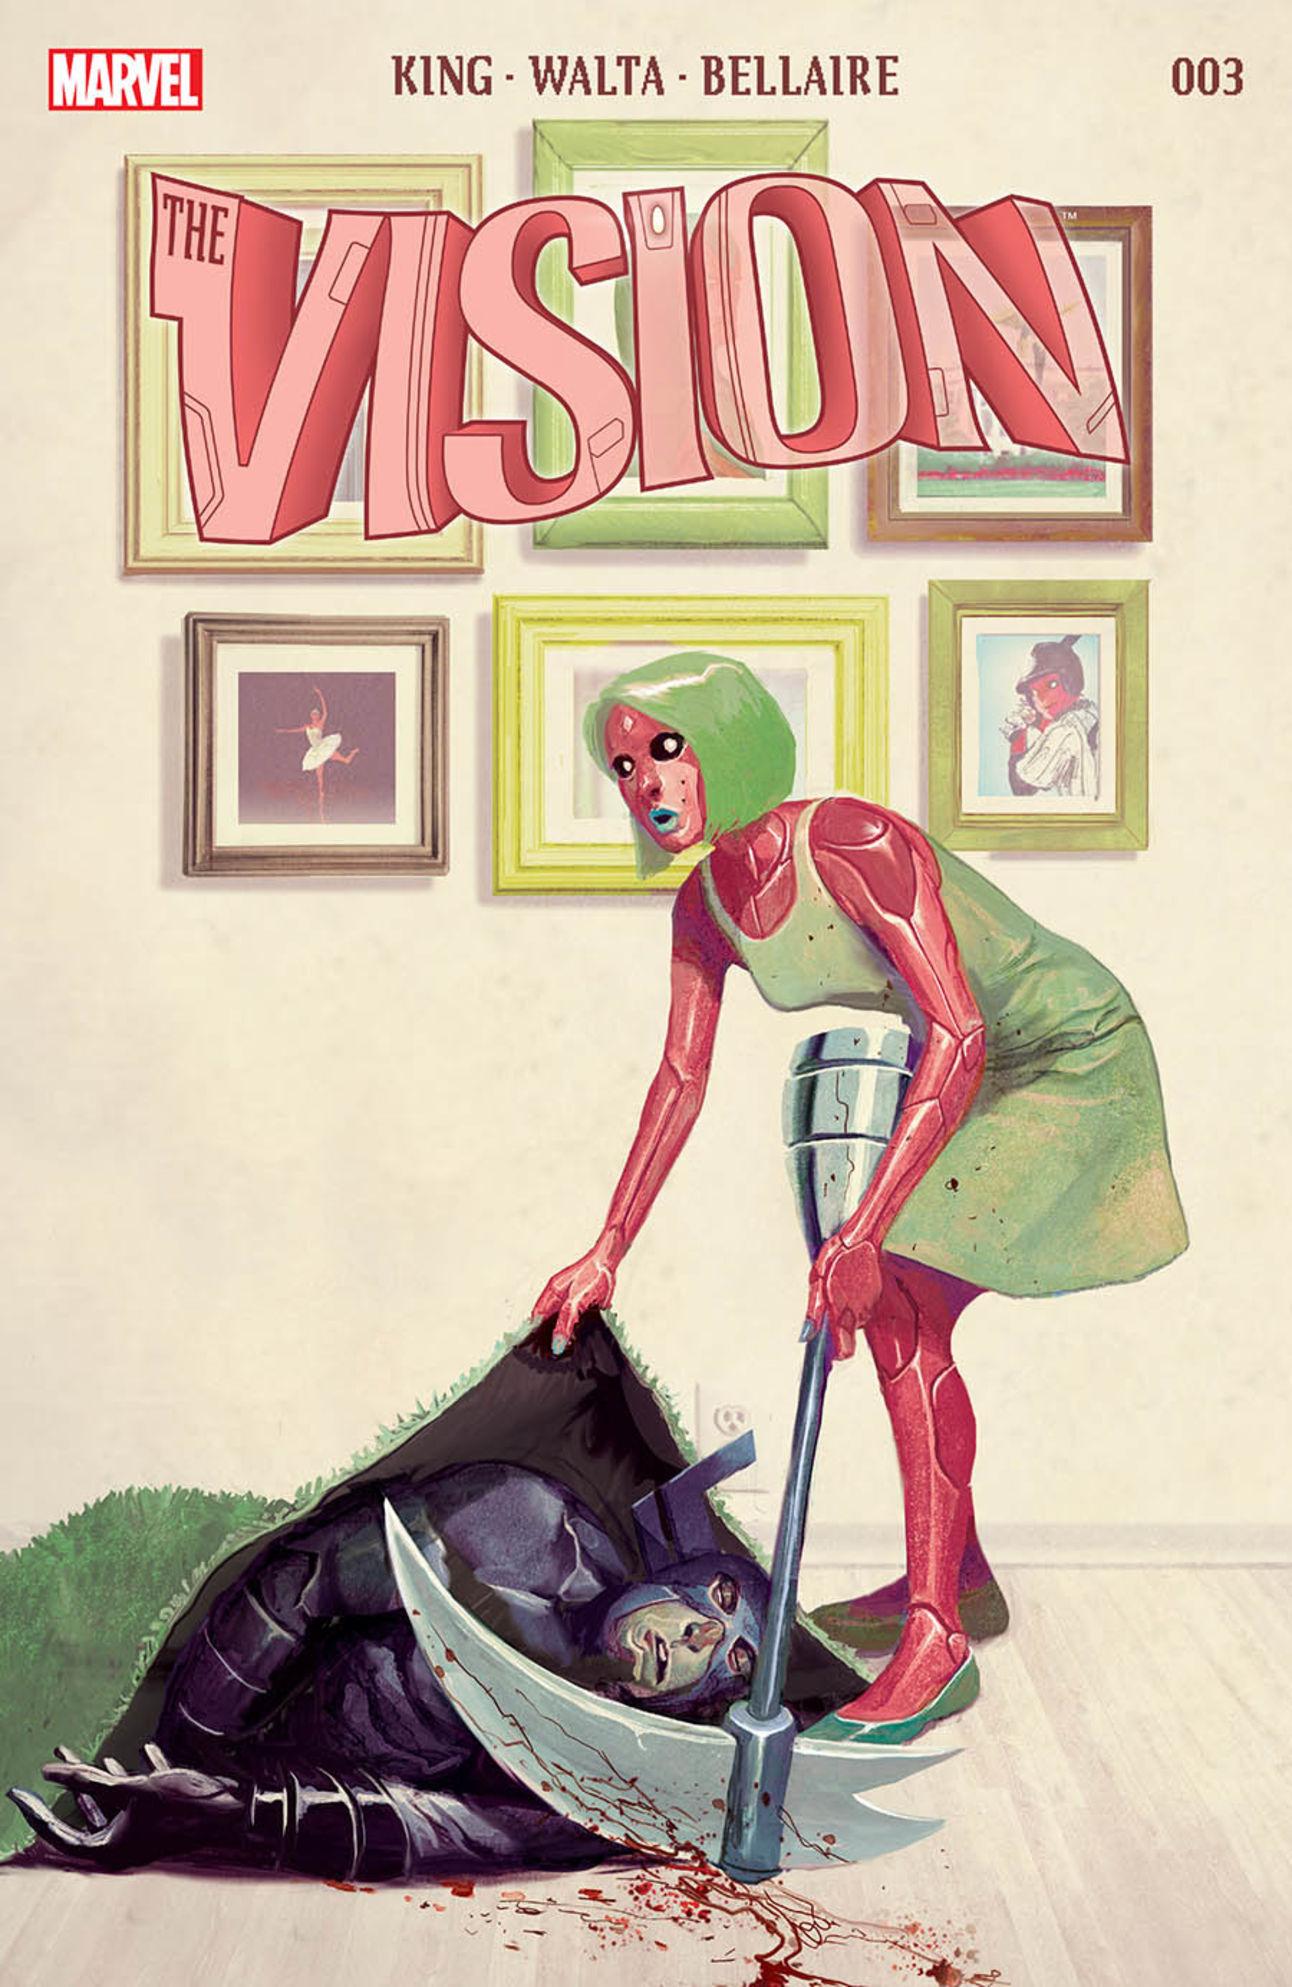 2016-01-07-vision.jpg